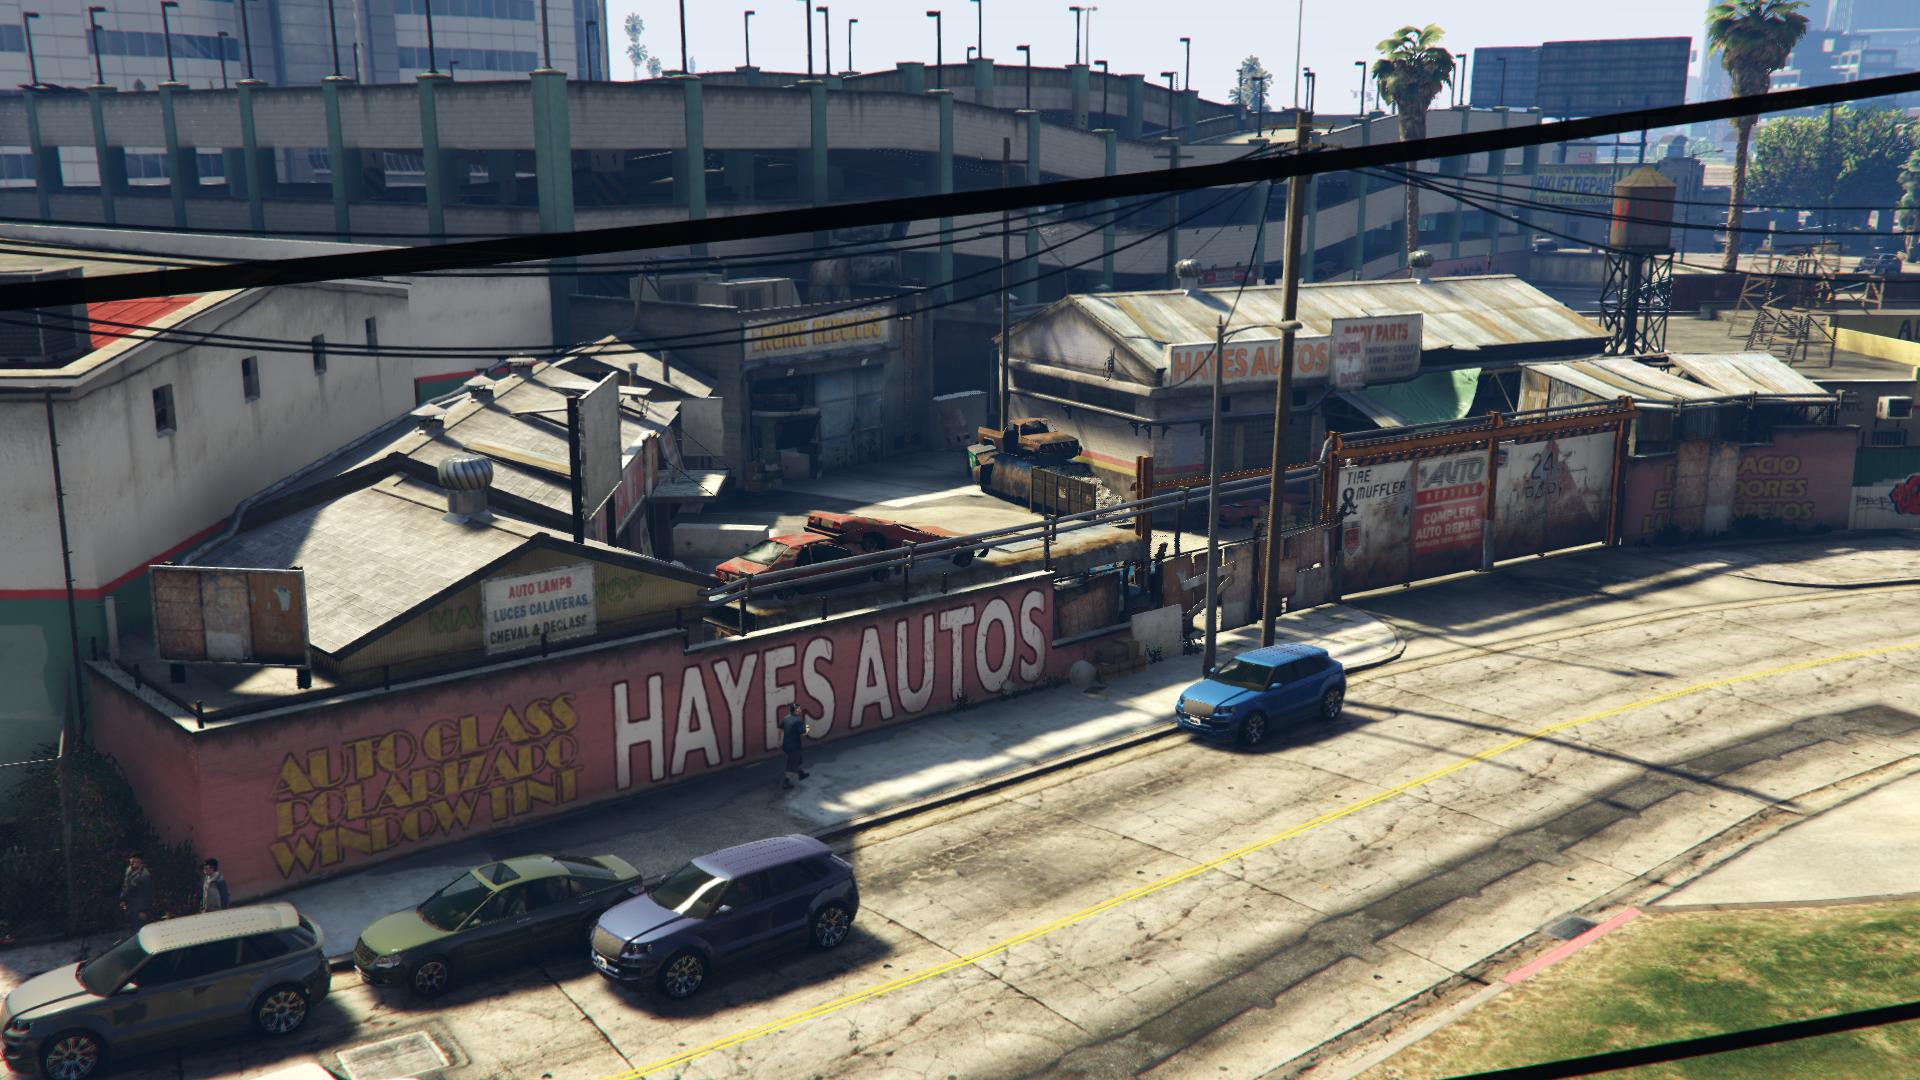 Hayes Autos